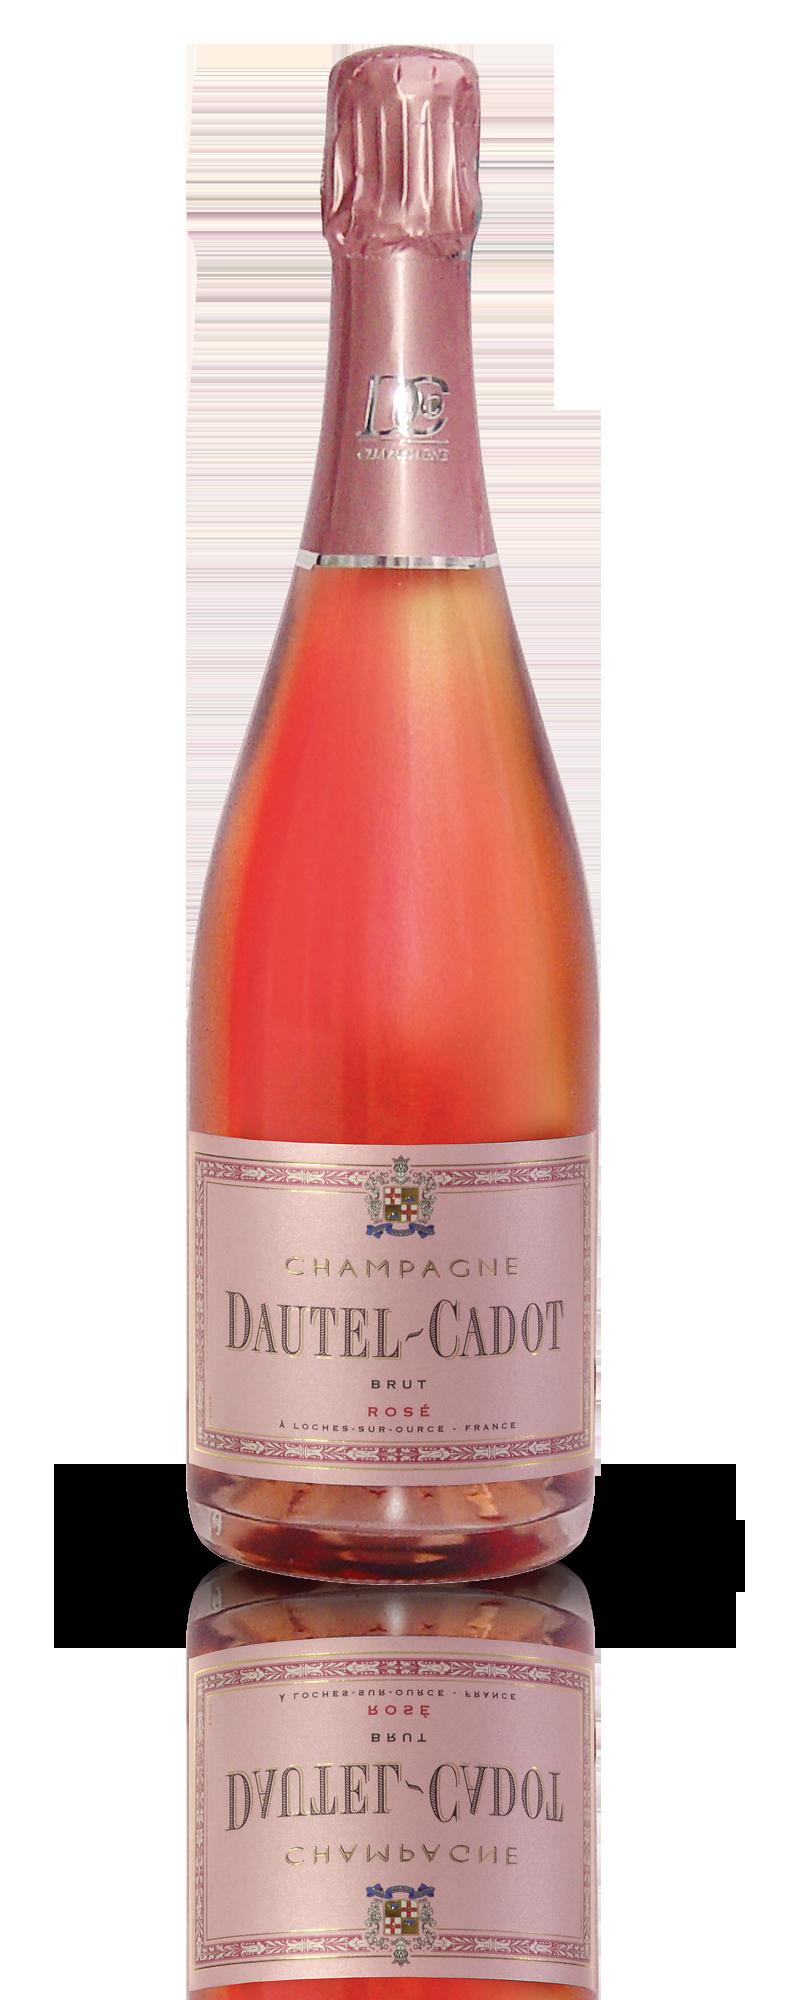 champagne-dautel-cadot-cuvee-rose-brut